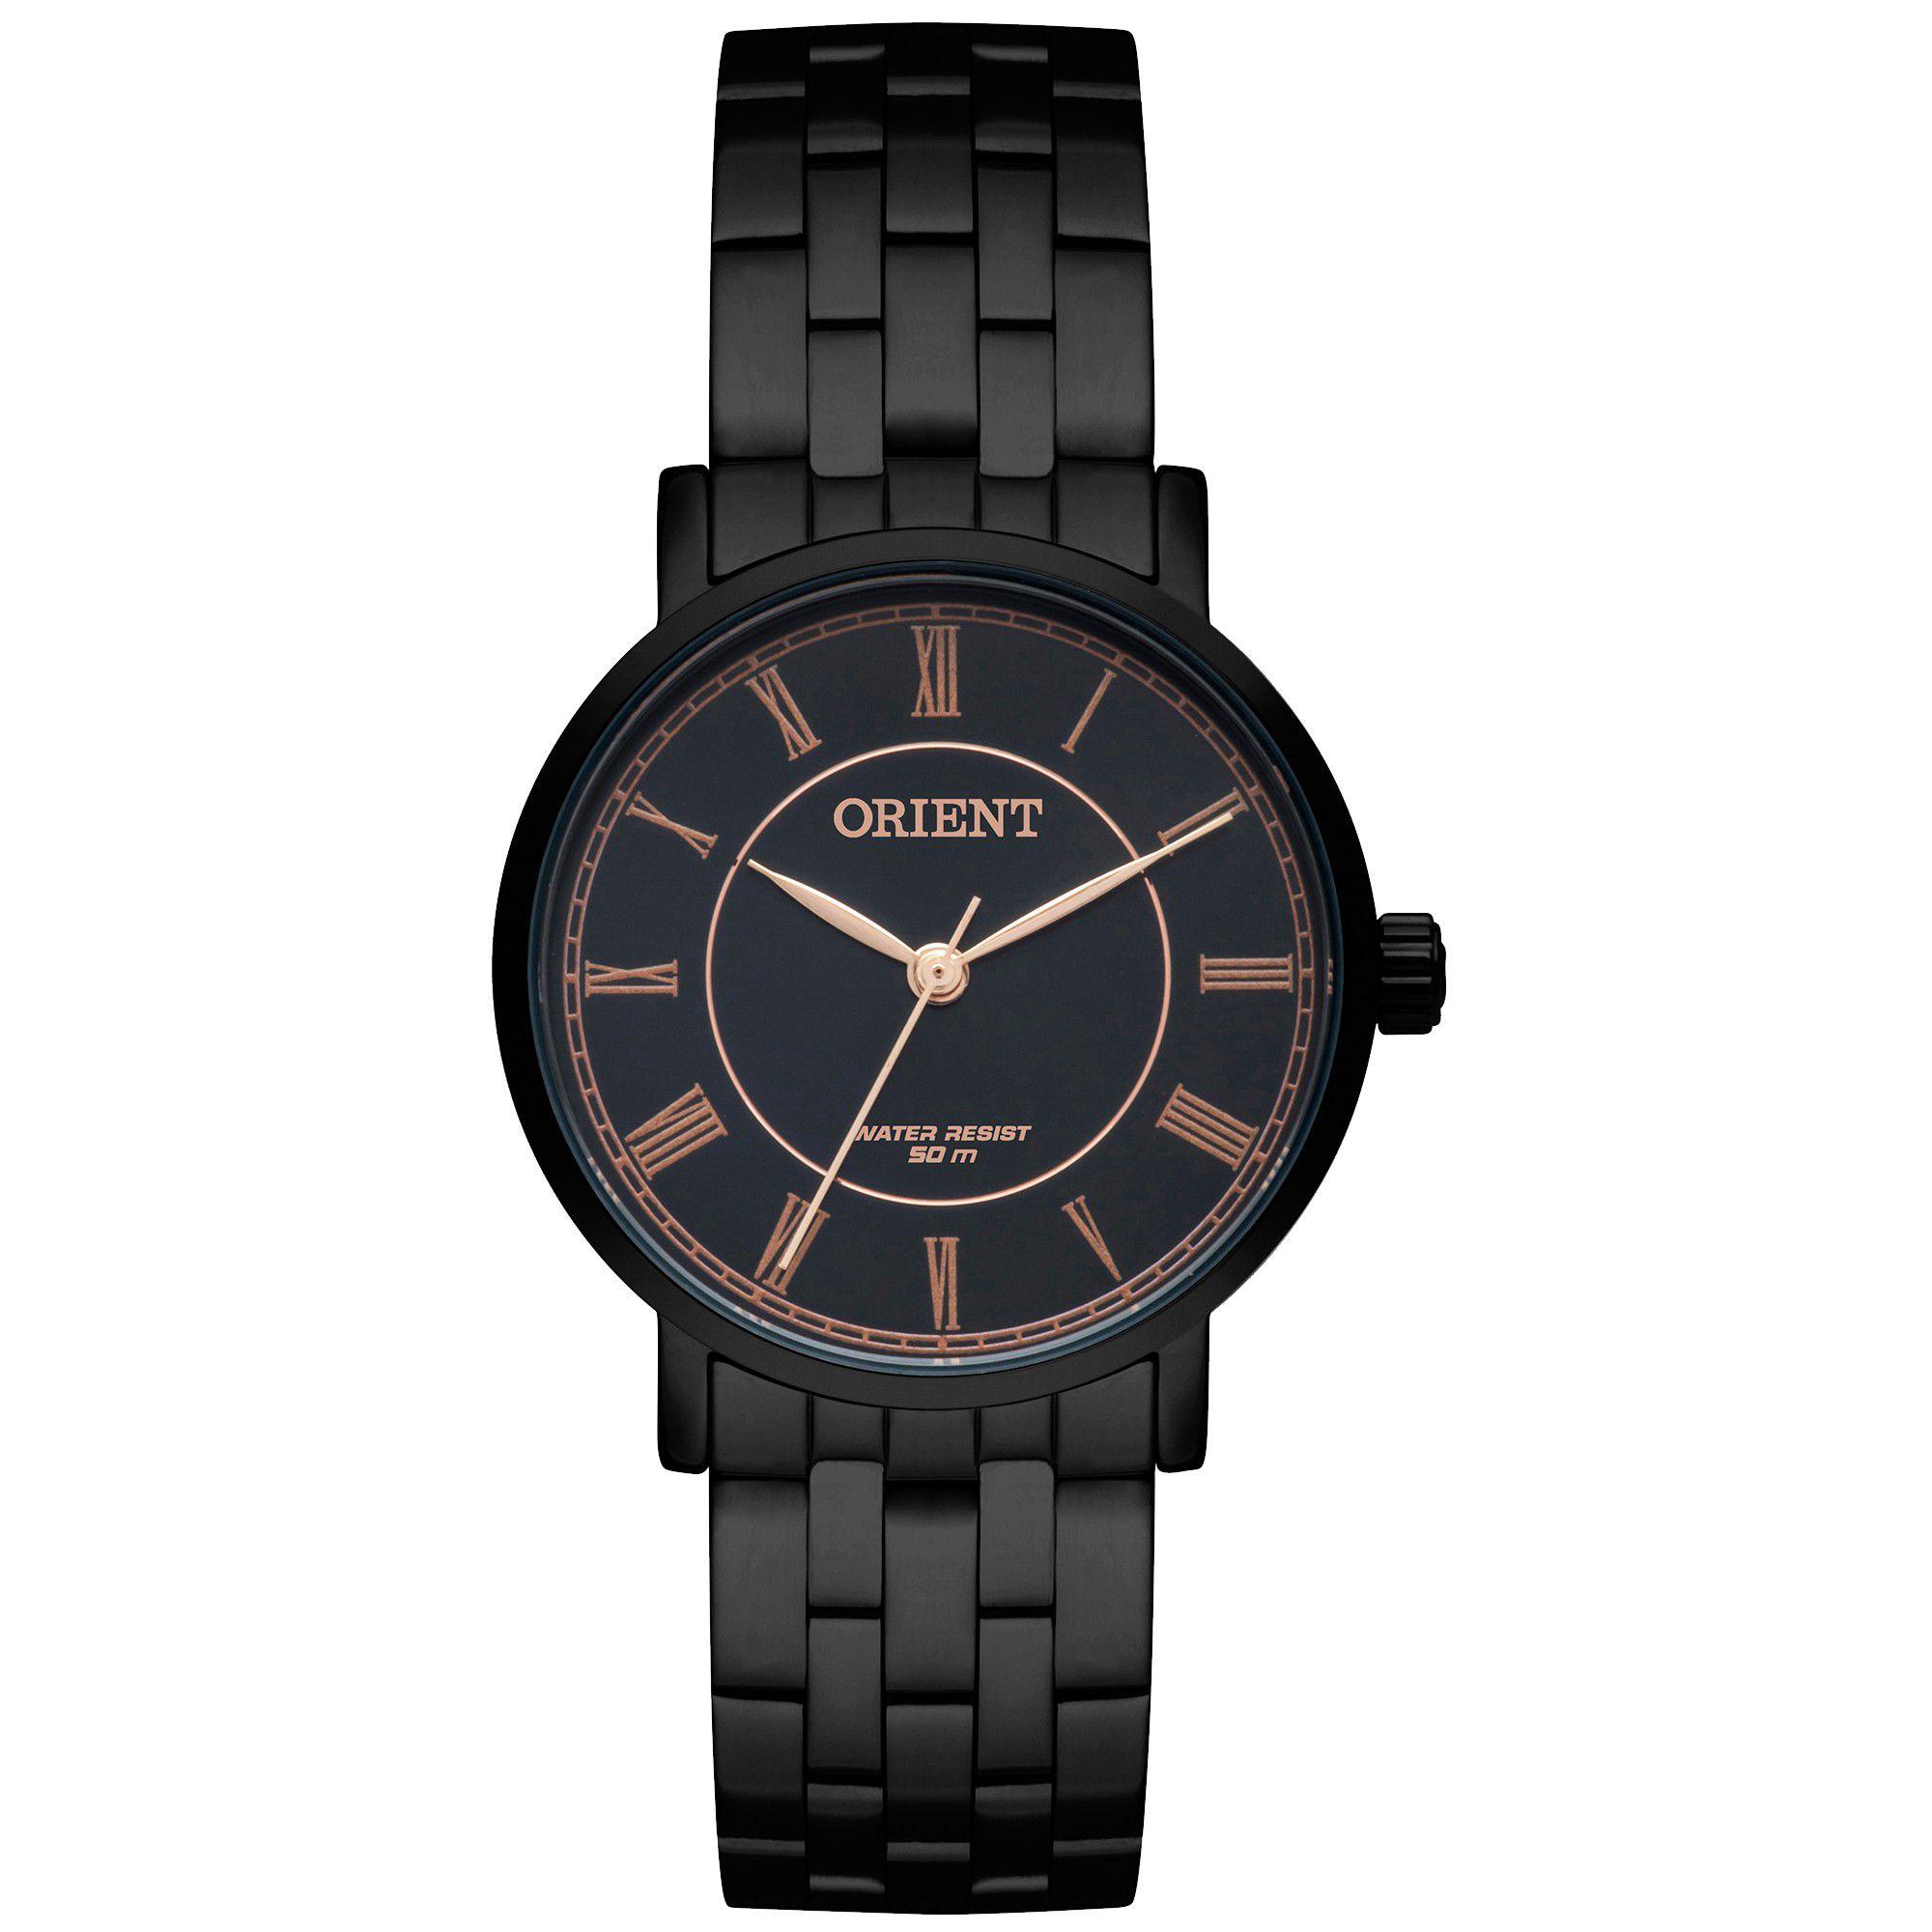 Relógio Feminino Orient FPSS0006 P3PX